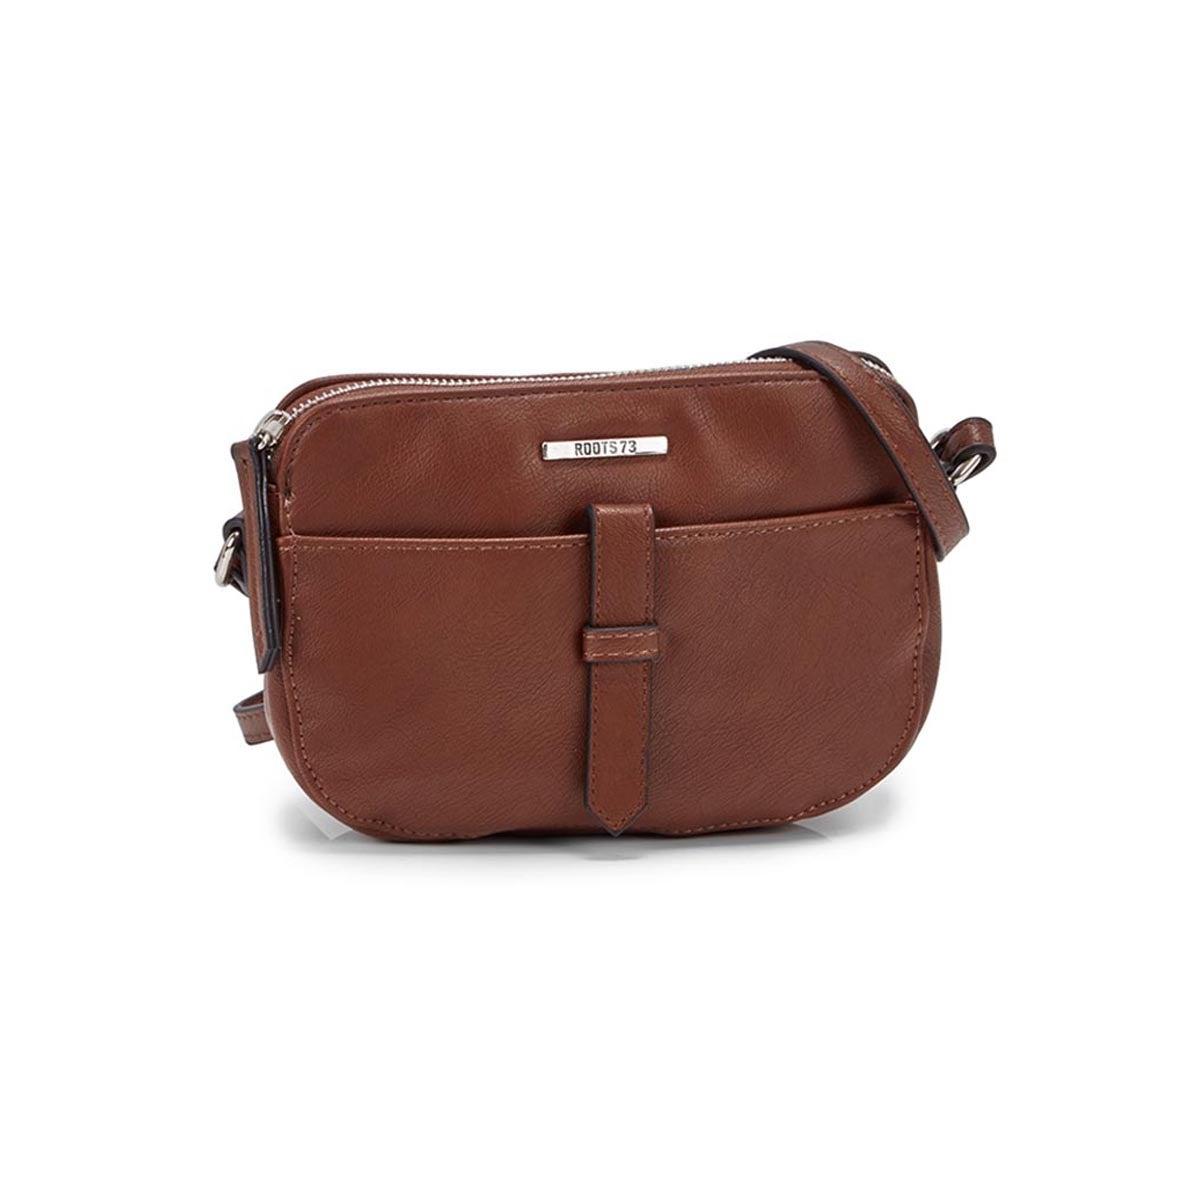 Women's R5356 cognac mini crossbody bag